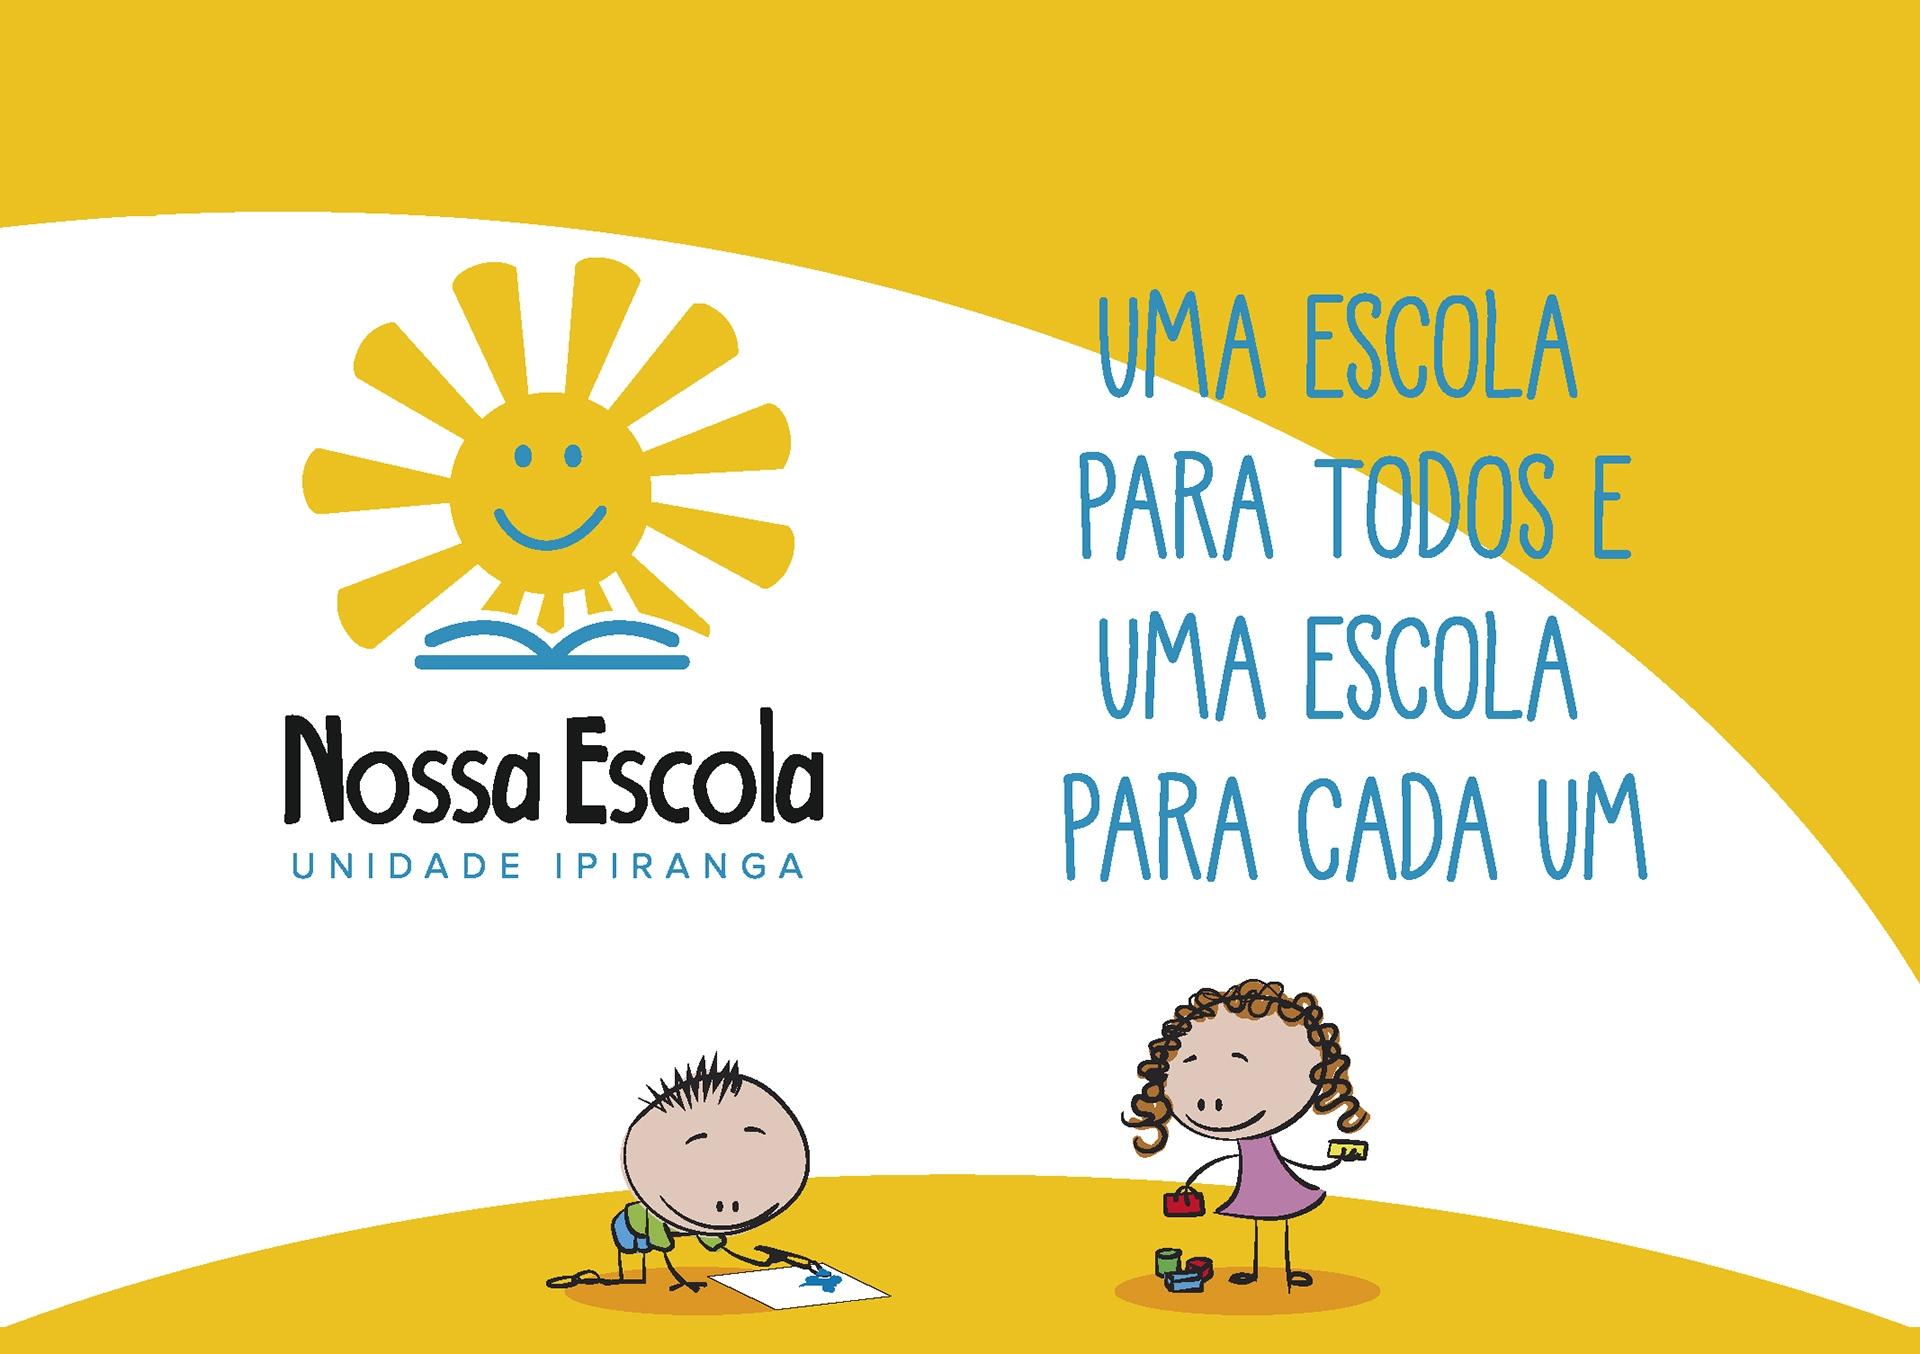 bercario-nossaescolaeduca-banner1